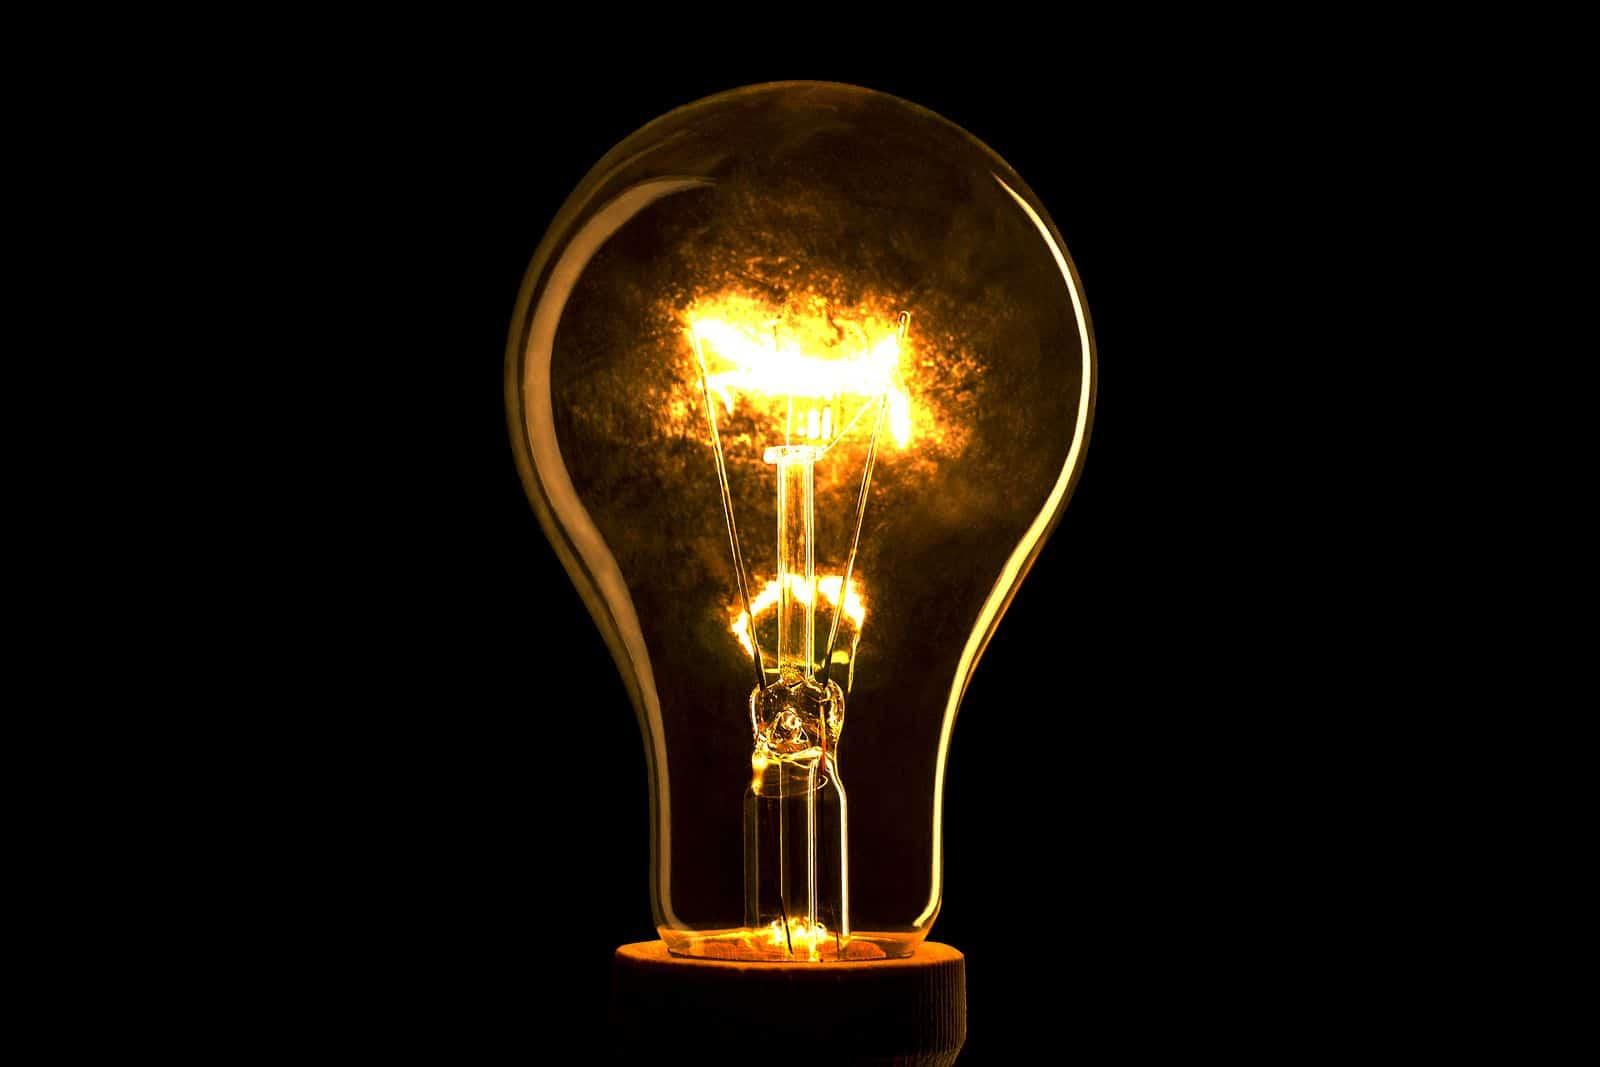 Cómo saber cuánto debo de luz